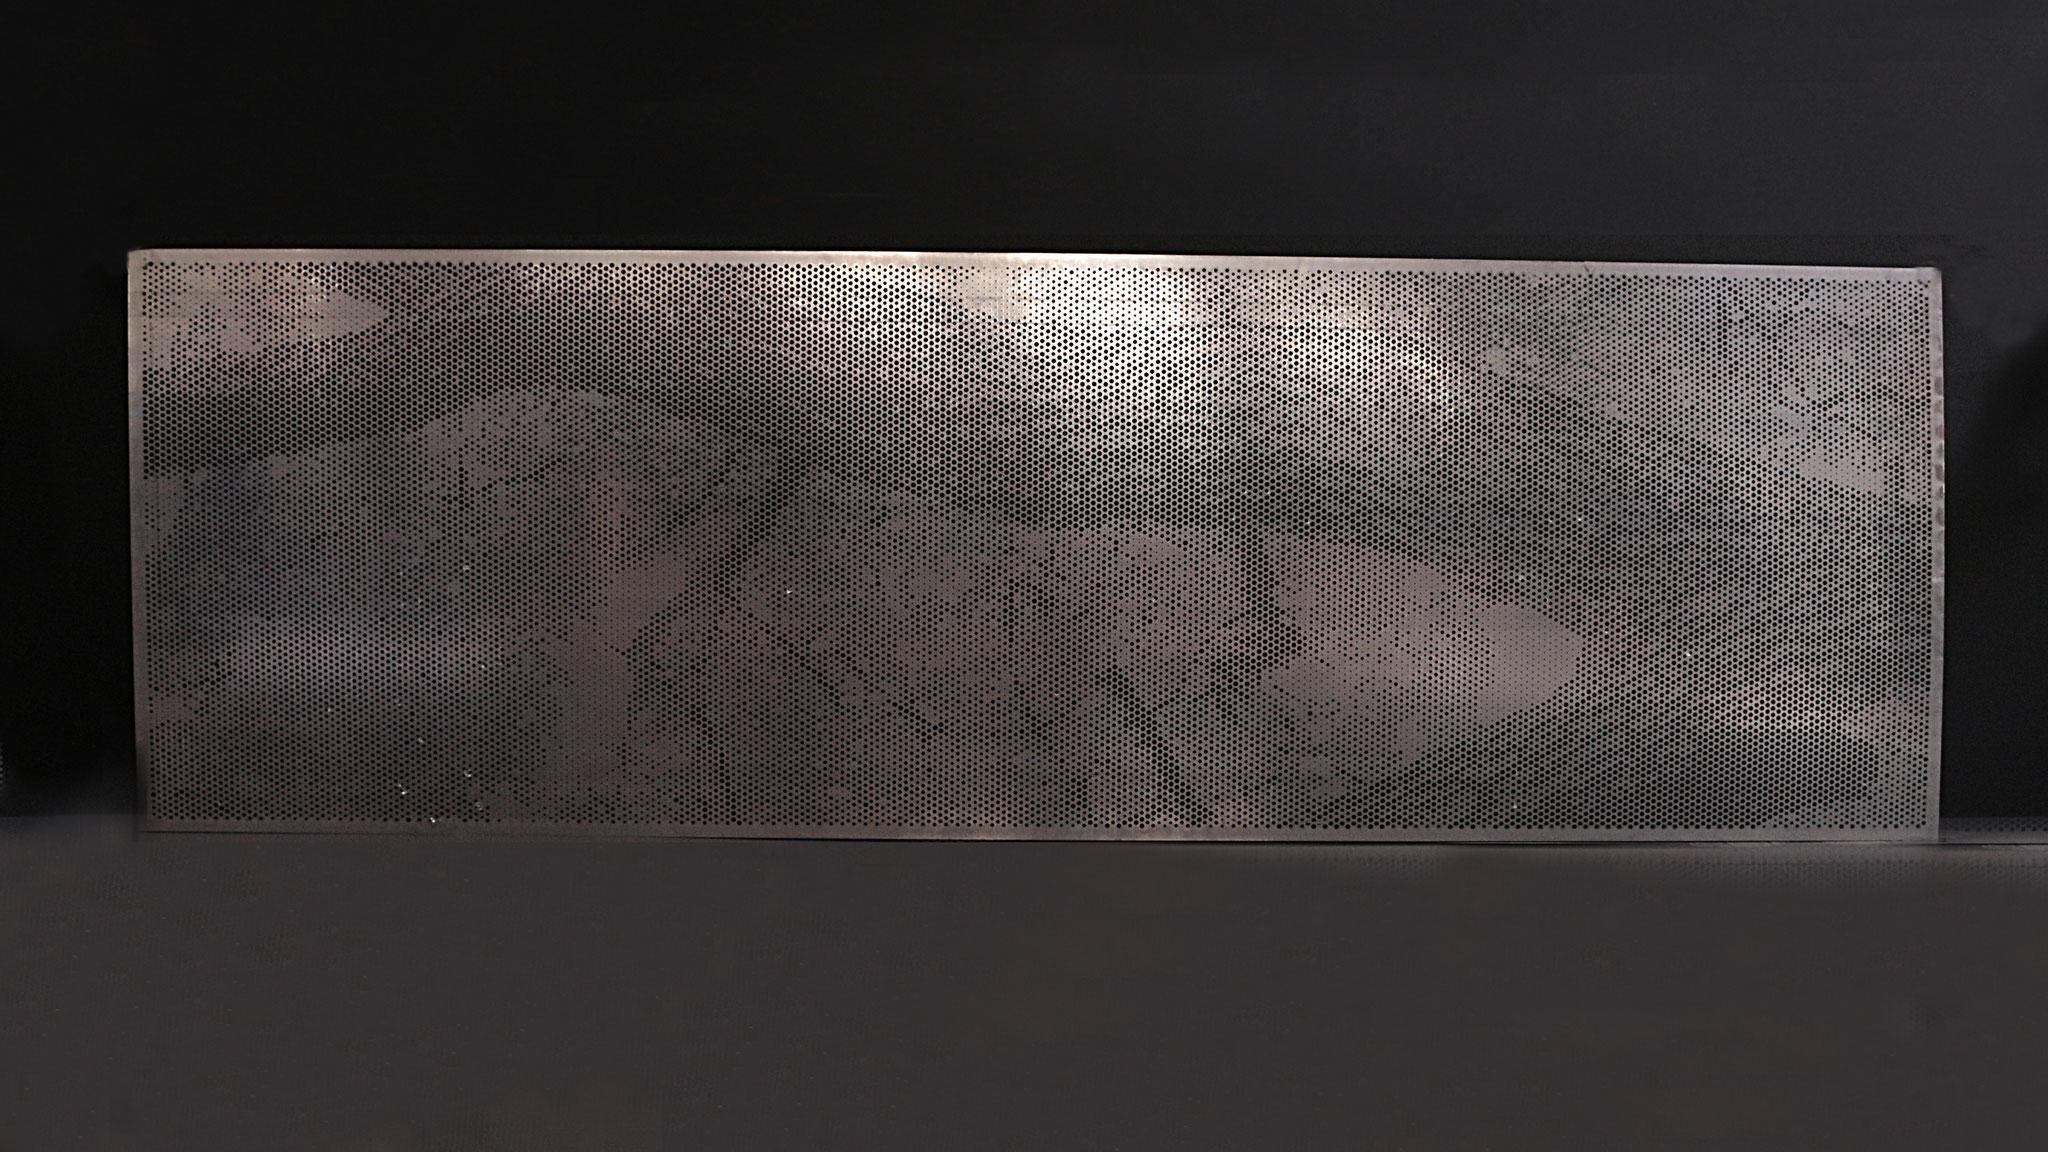 Lochblechdesign Baum-Motiv  82 Oberschule Dresden Motivlochblech Fotoblech